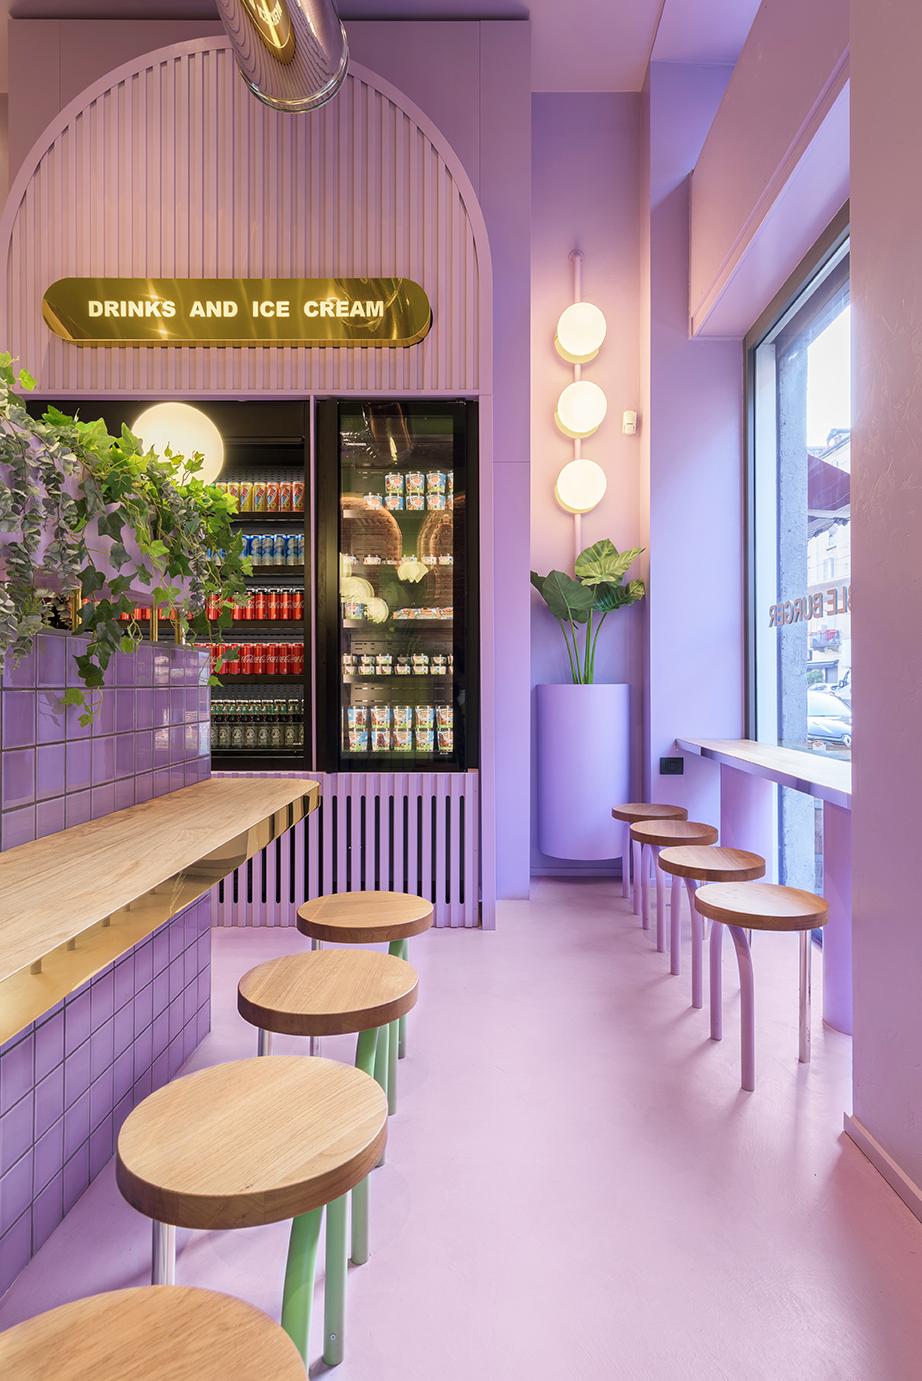 Restaurante em Milão mescla verde, roxo e tijolos na decoração